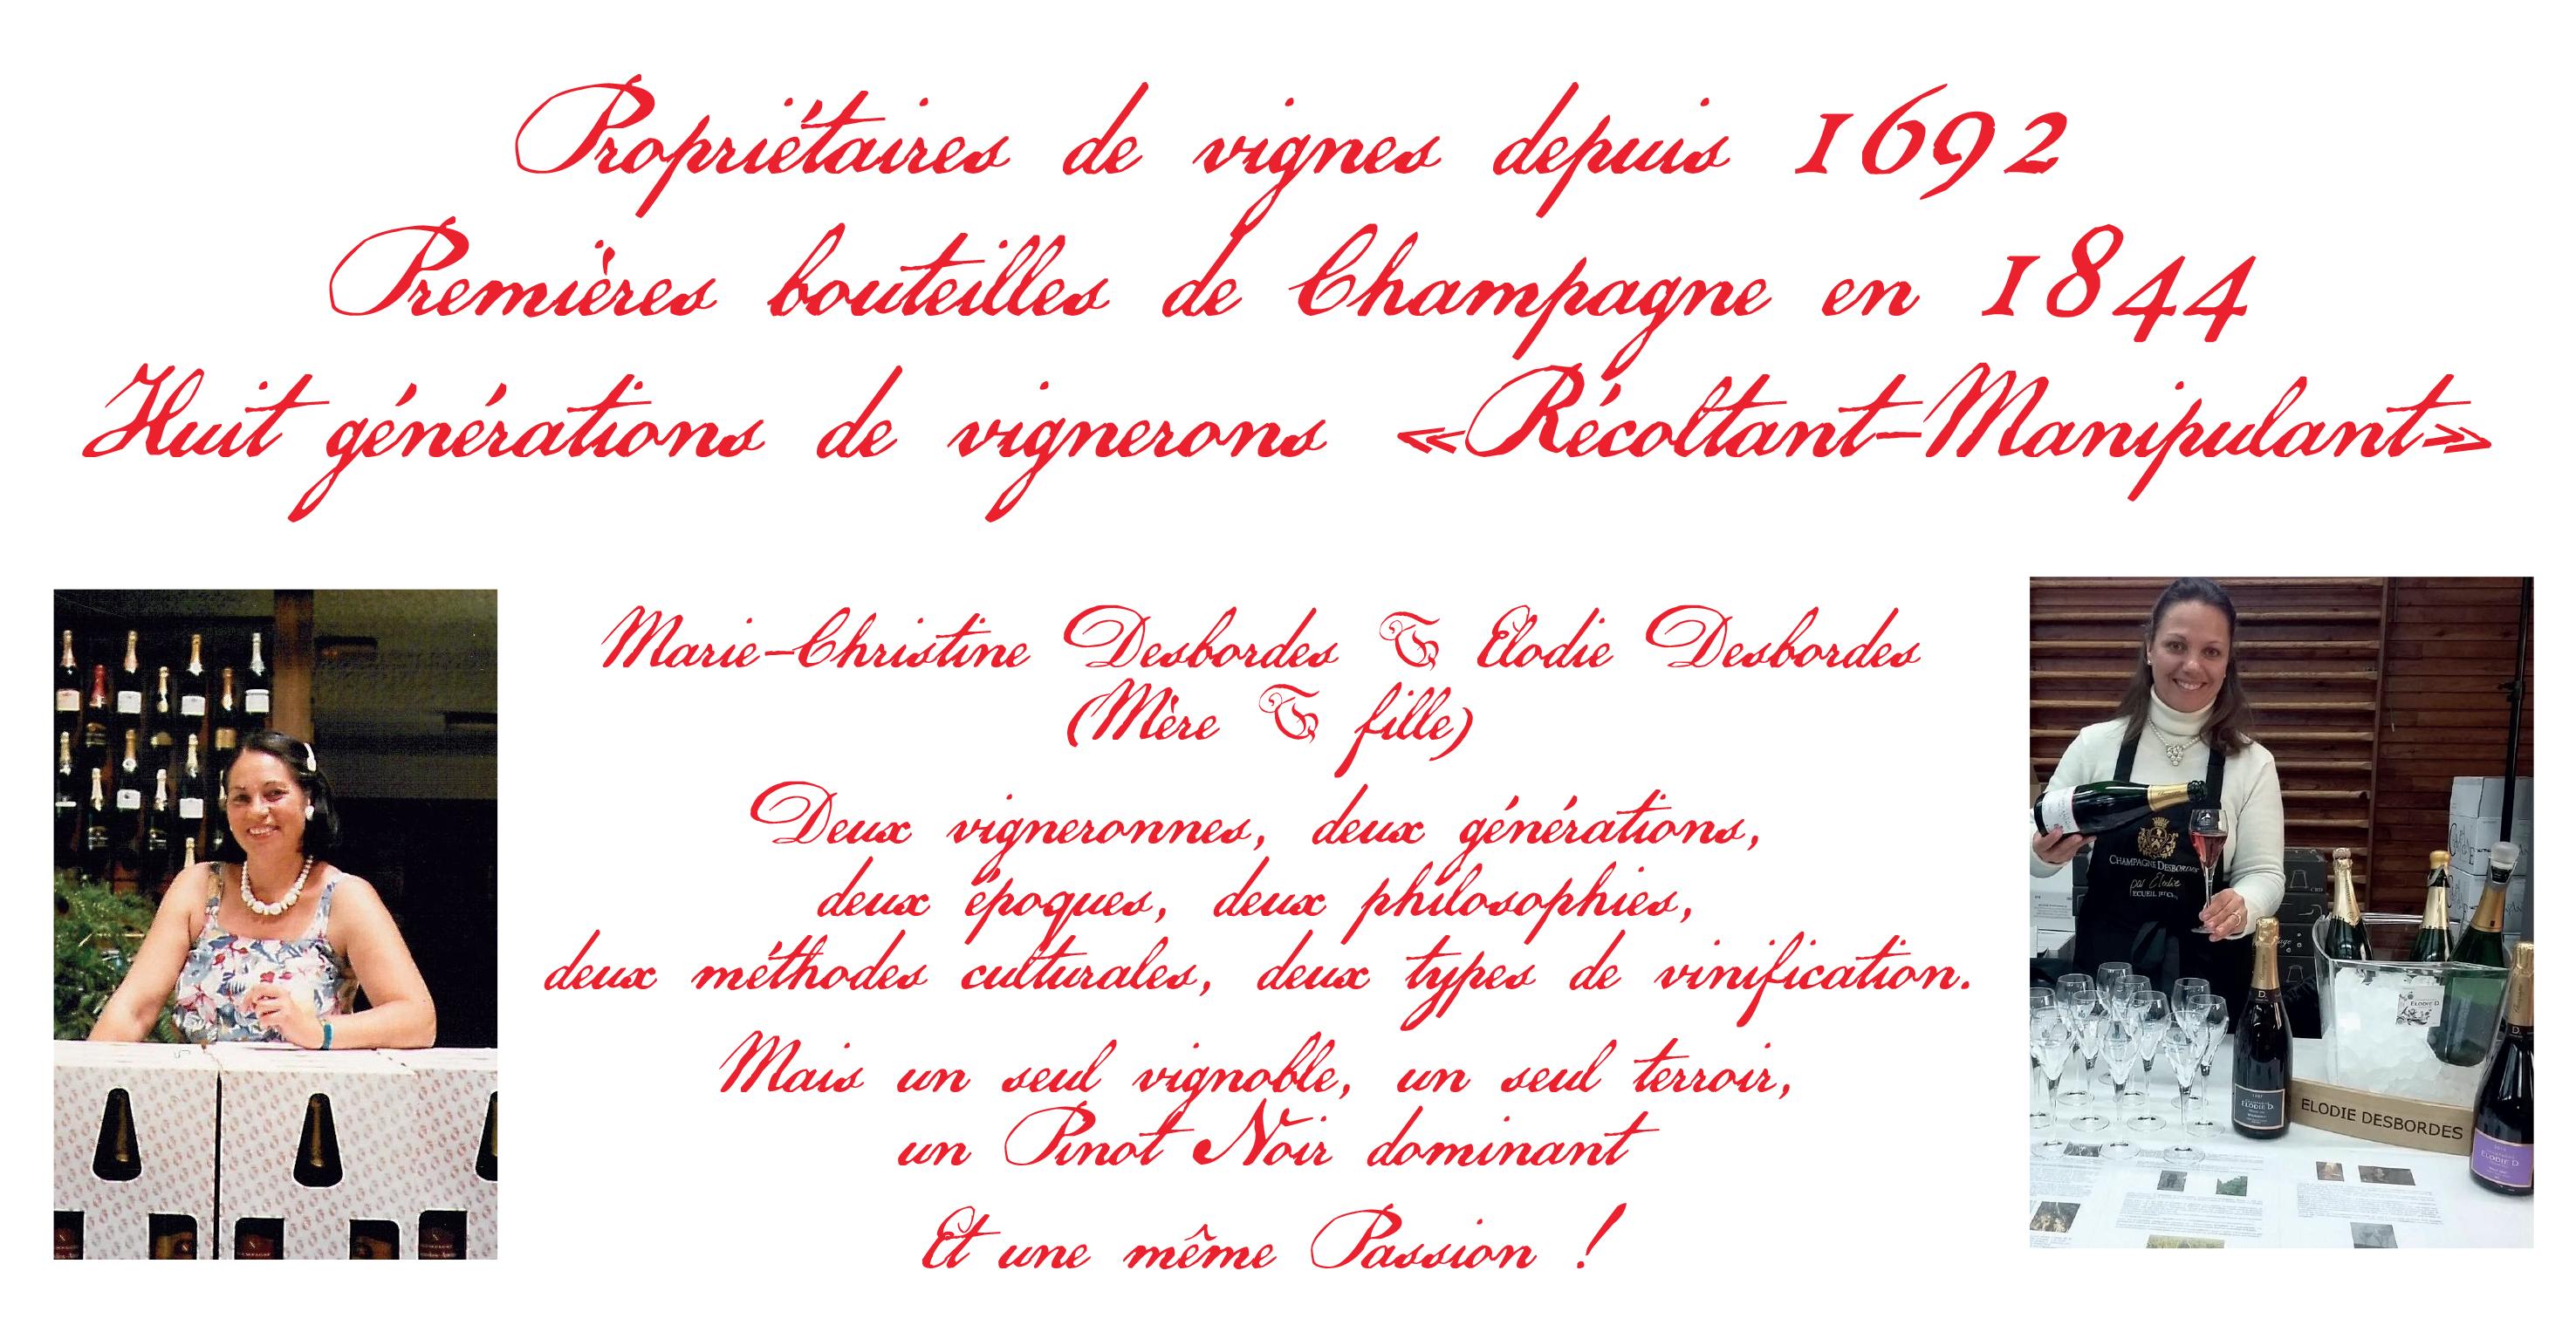 L'histoire des Champagne Elodie D.